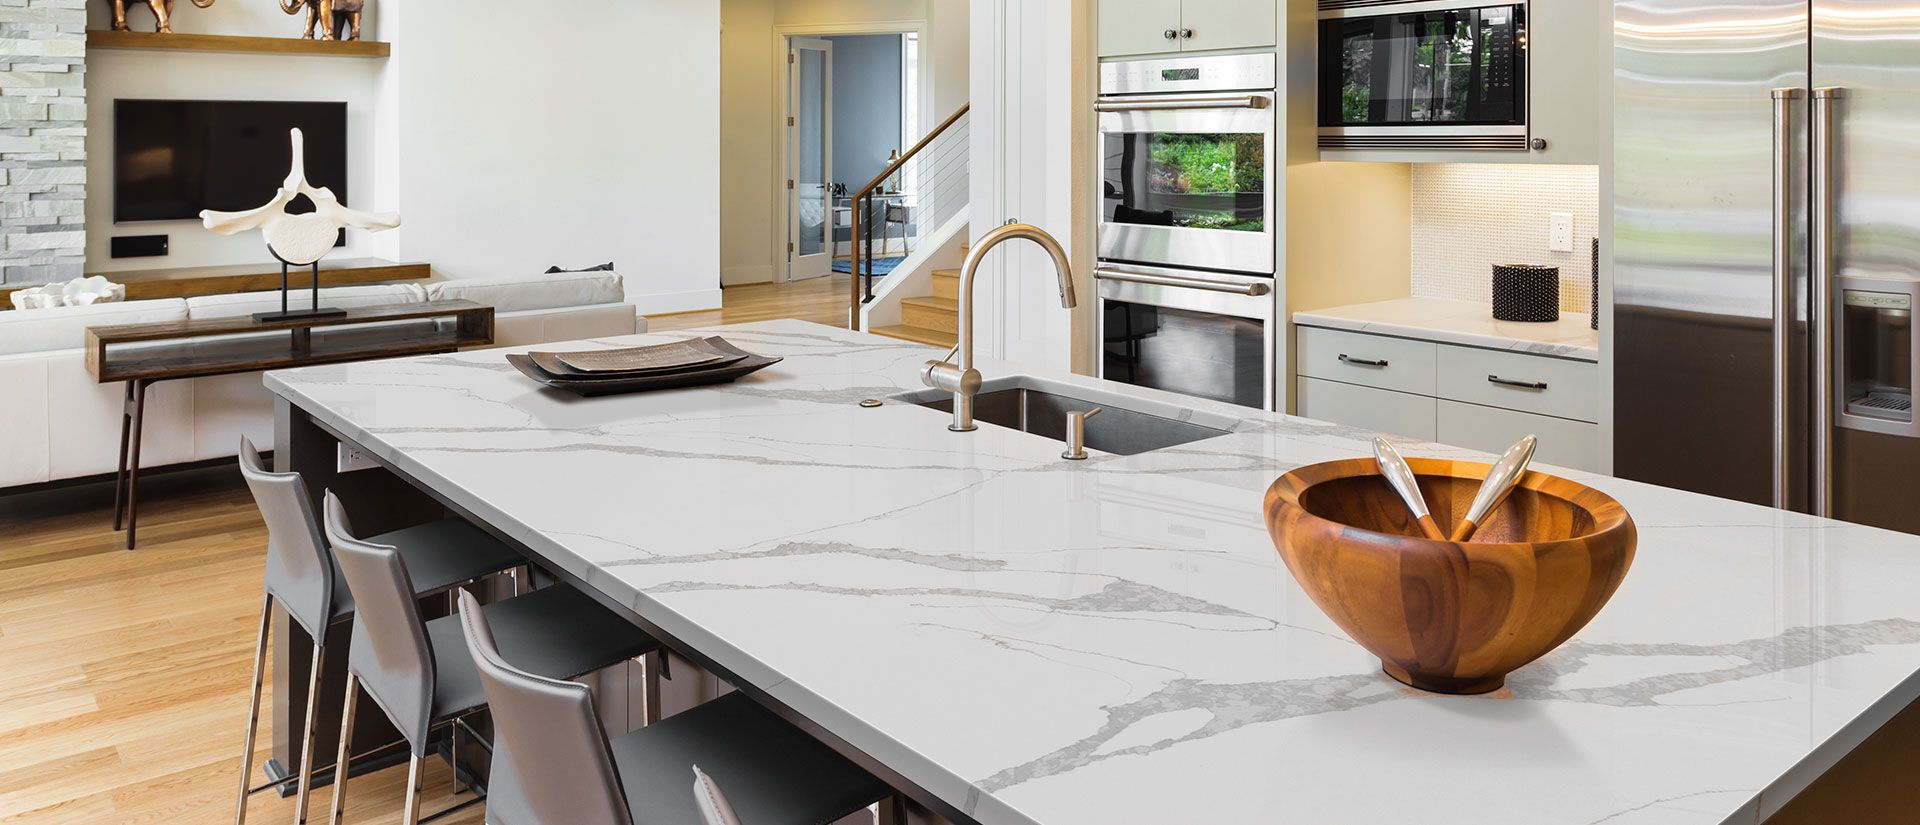 Calacatta Leon White Quartz Countertops Q Premium Natural Quartz In 2020 White Quartz Countertop Quartz Countertops Countertops